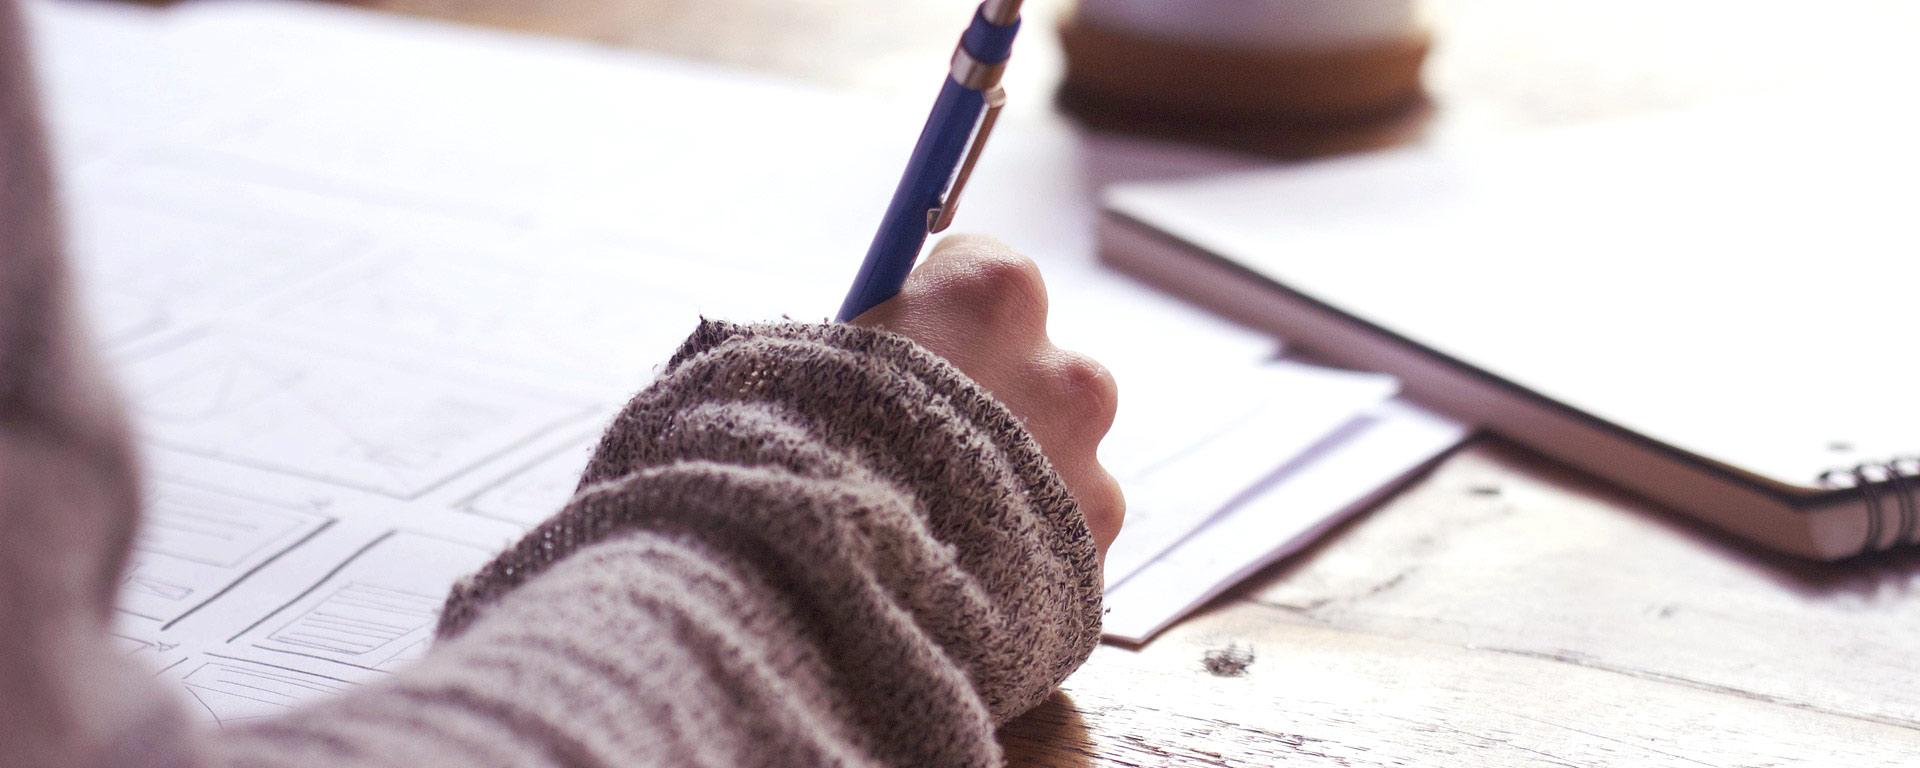 Bild på en hand som skriver på ett papper